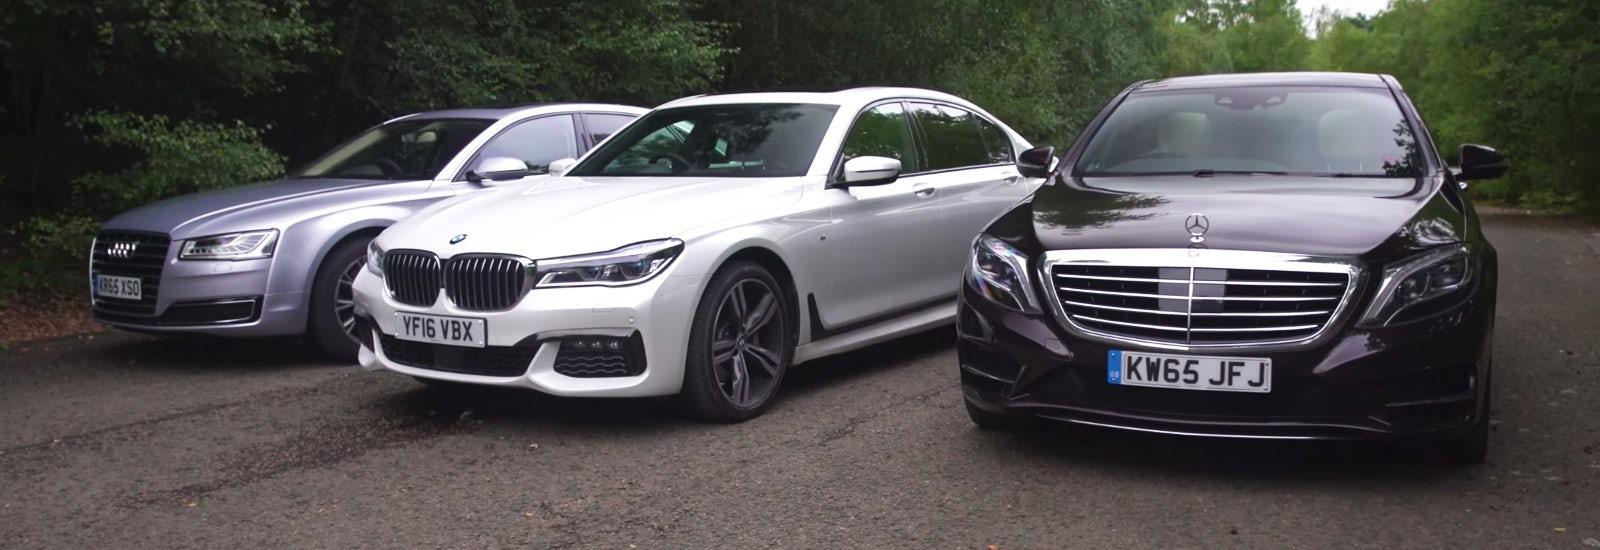 s test plus driver audi reviews euro car review photo info news original price and spec photos